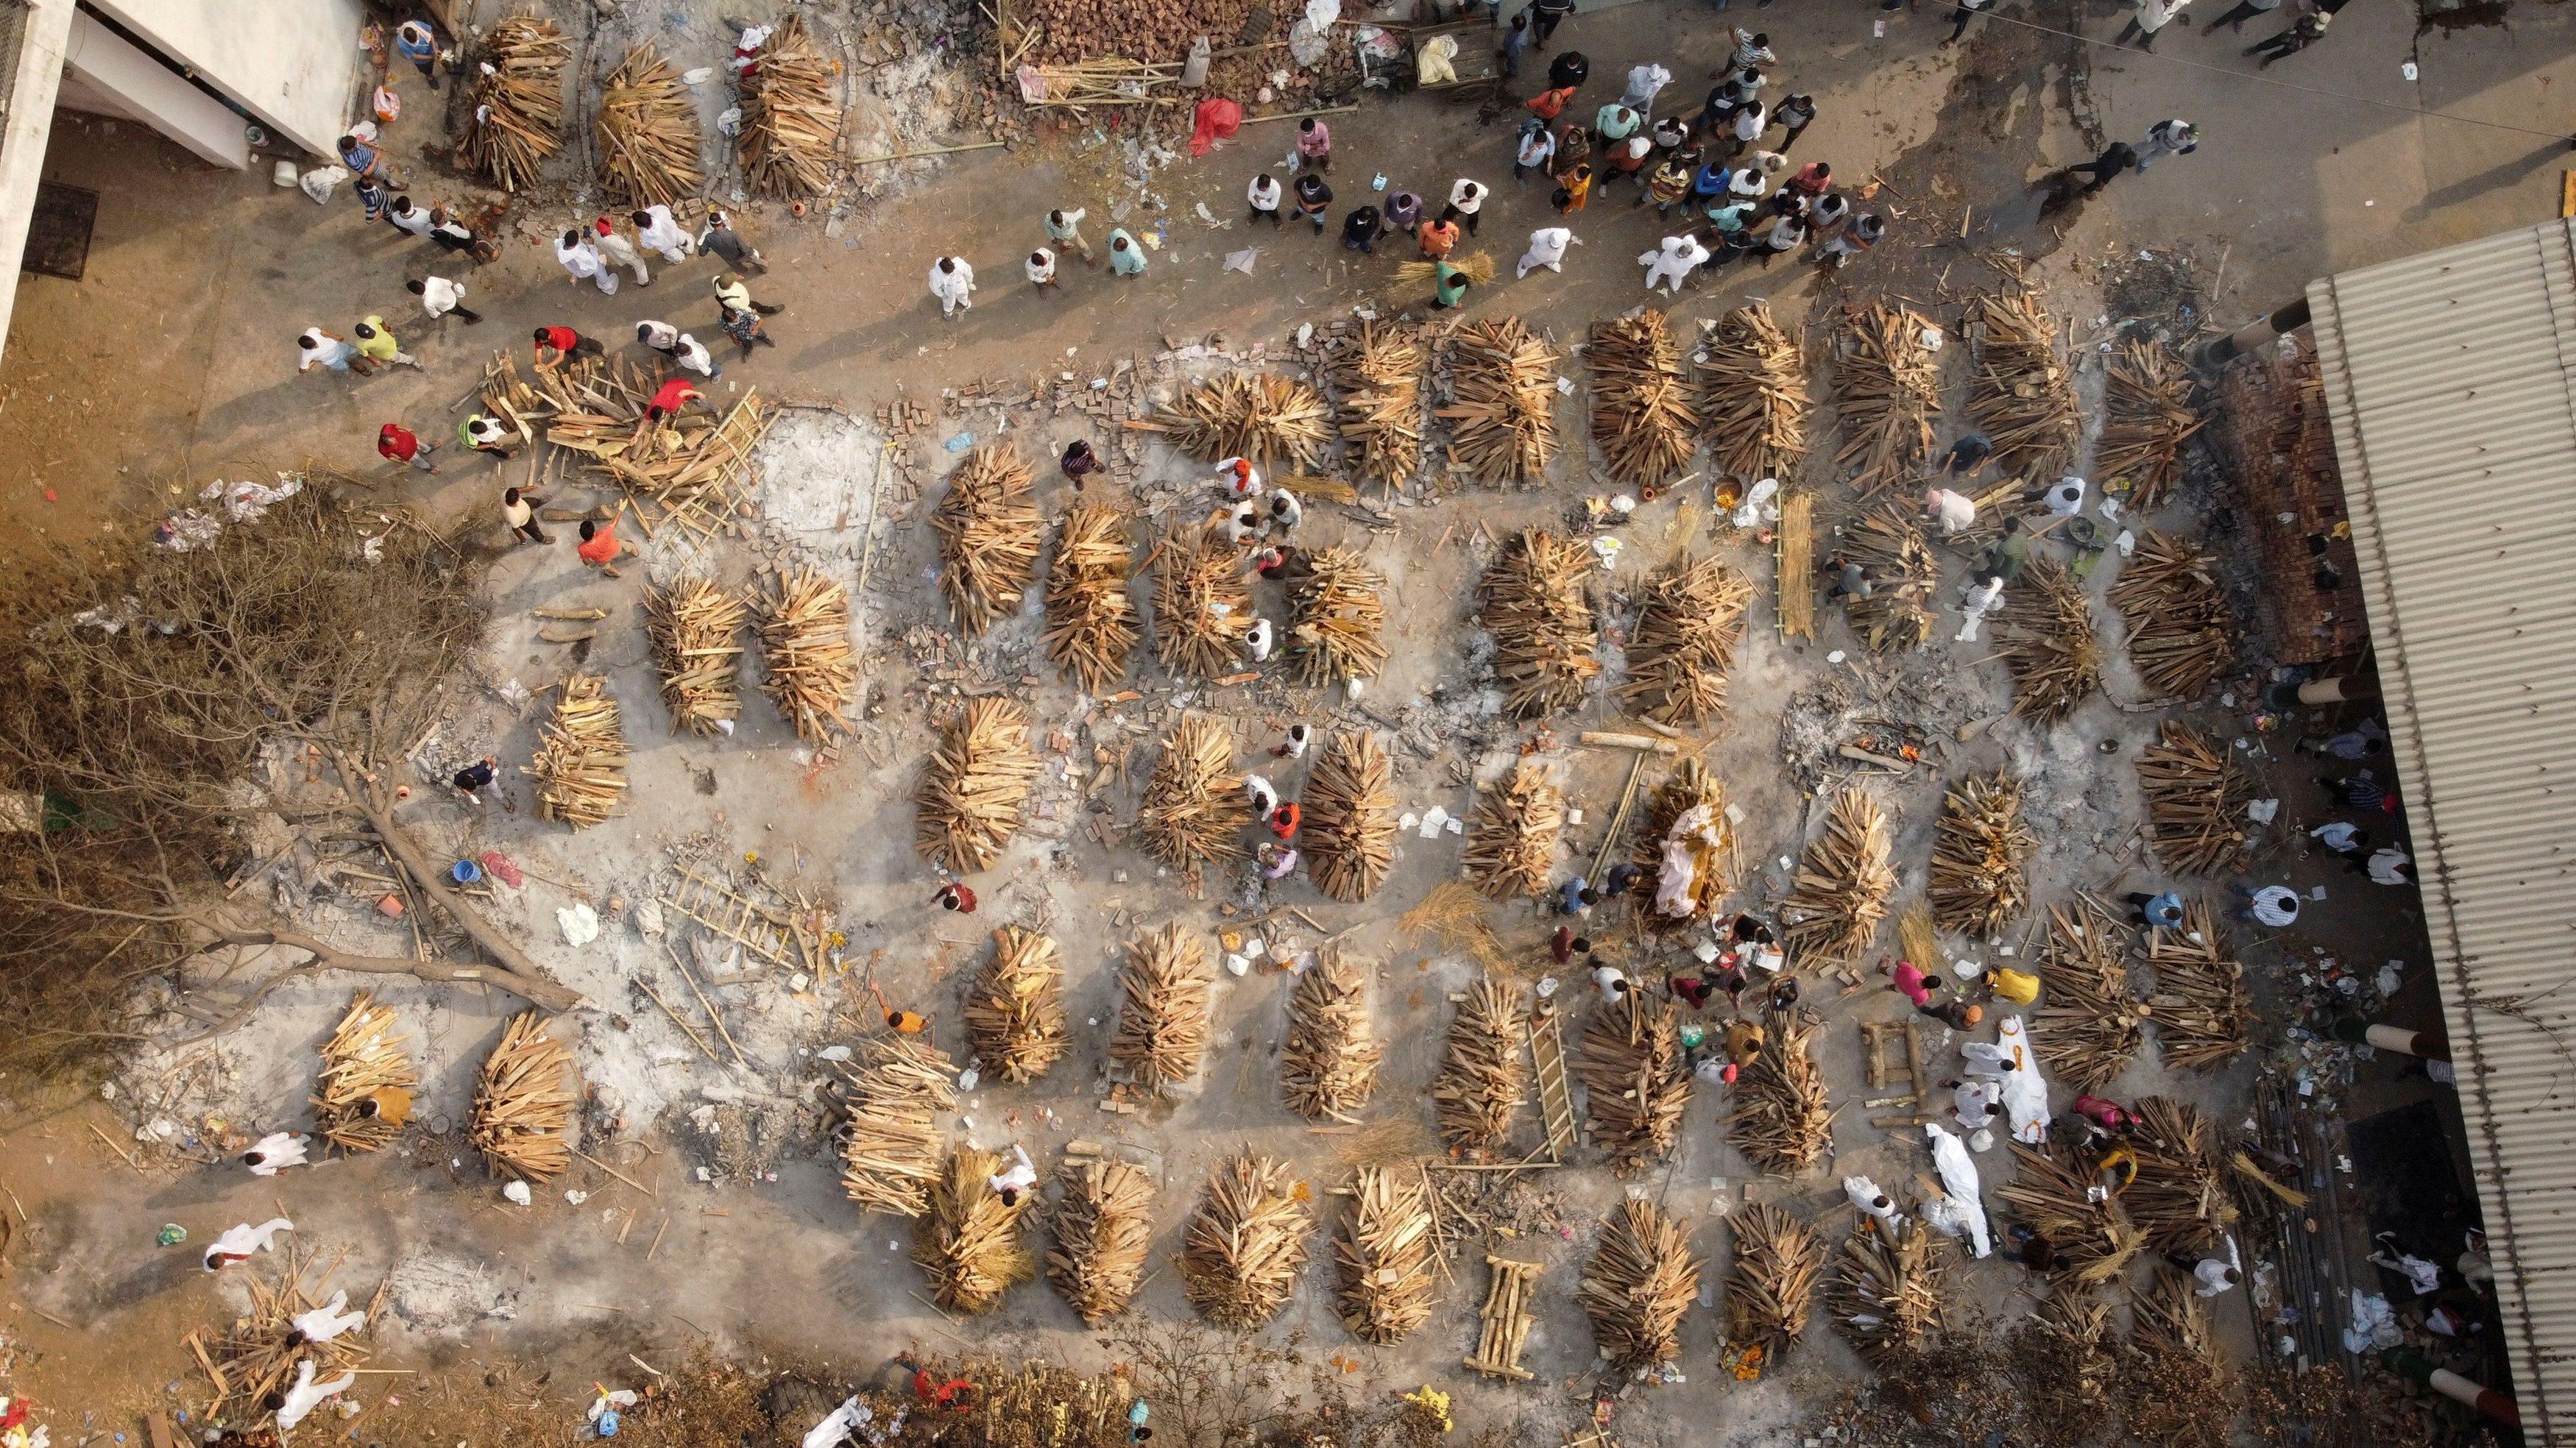 ఇండియాలో 24.1శాతం మందికి కరోనా